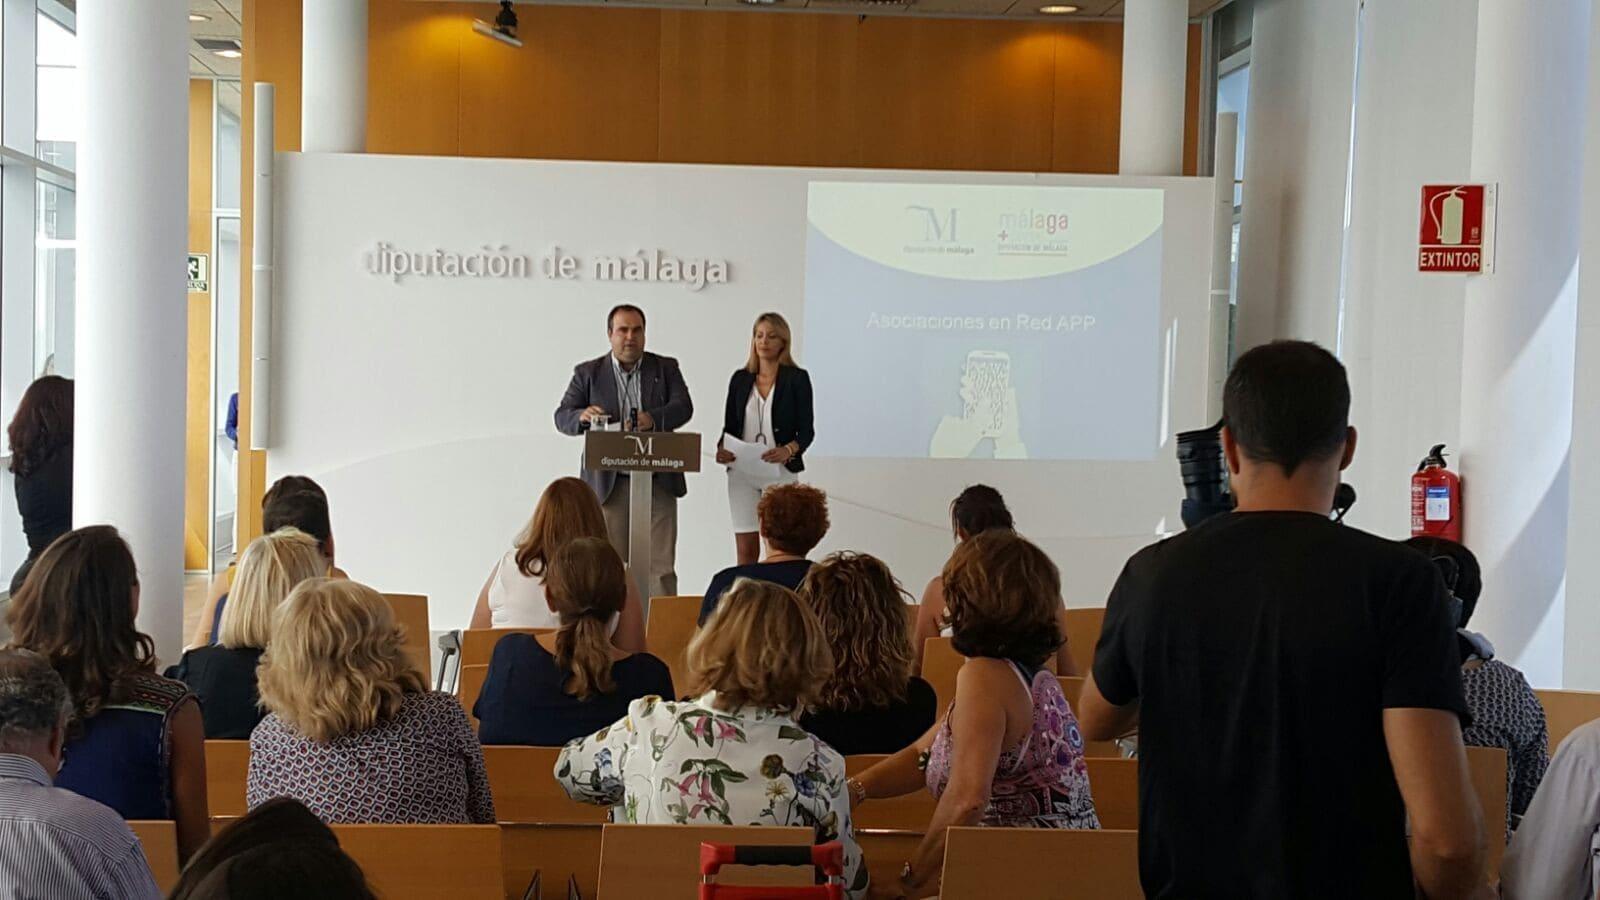 La Diputación de Málaga presenta la App Asociaciones en Red, realizada por Solbyte